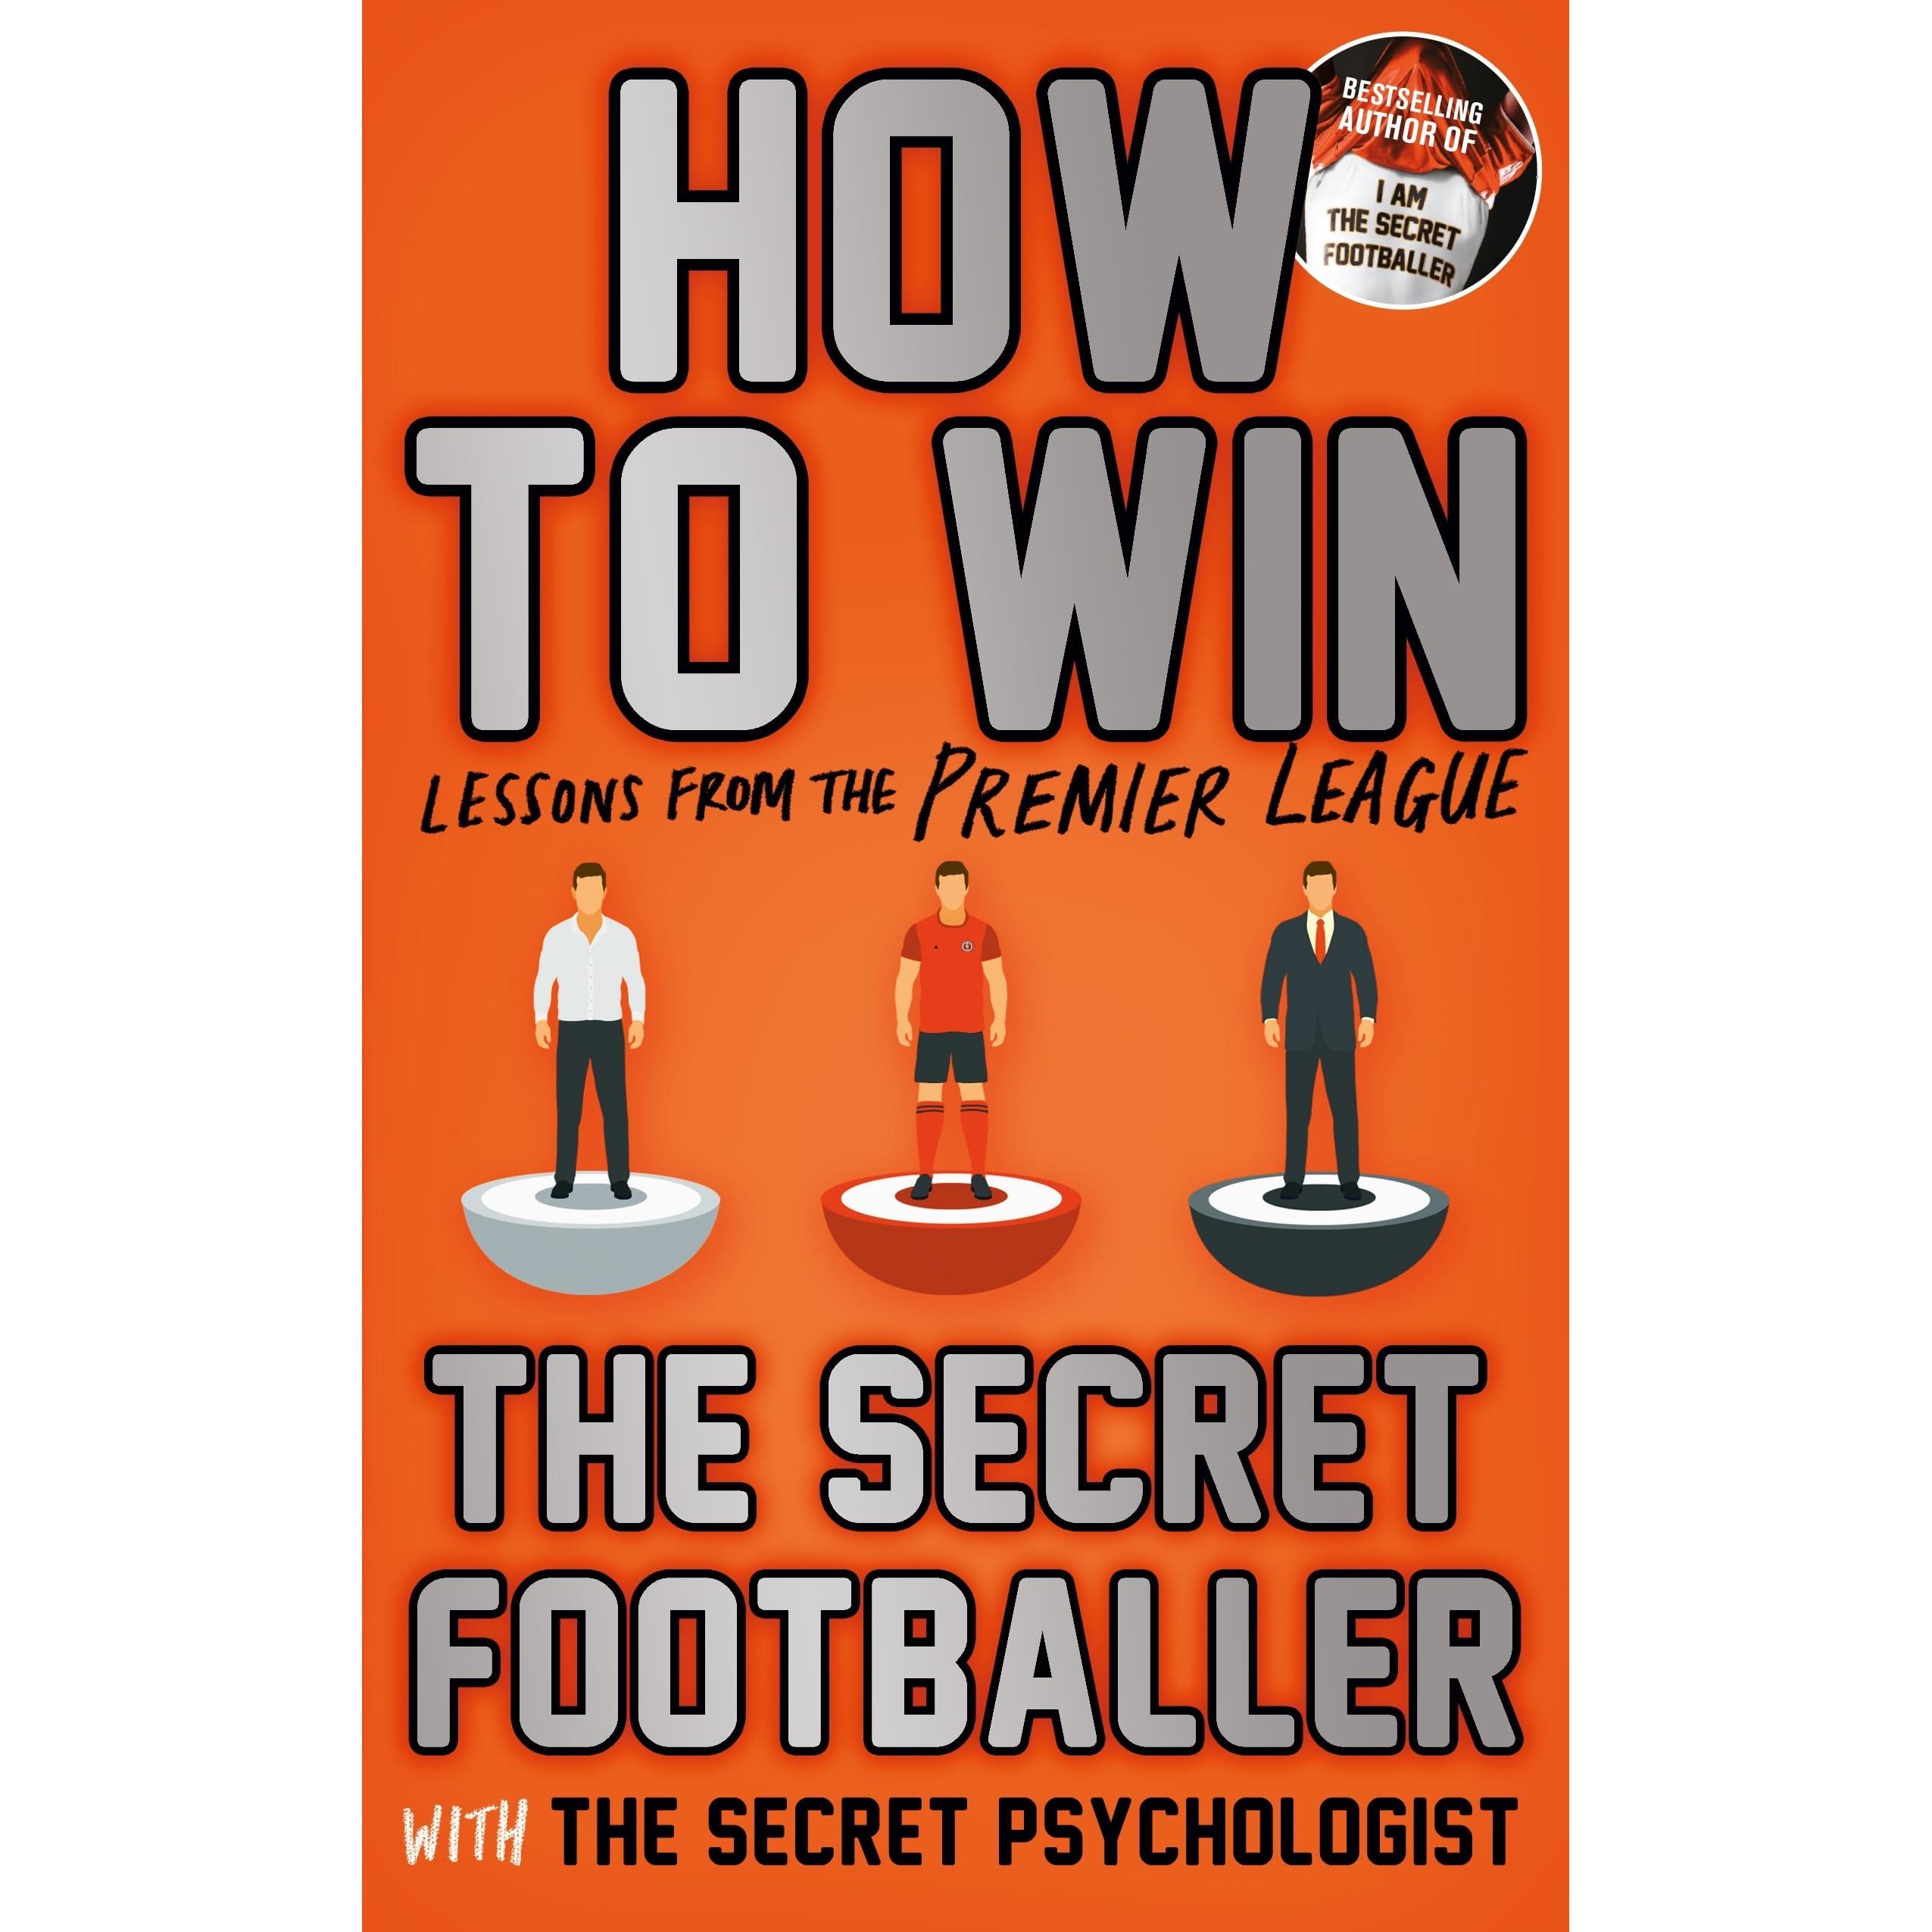 the secret of the premier league's